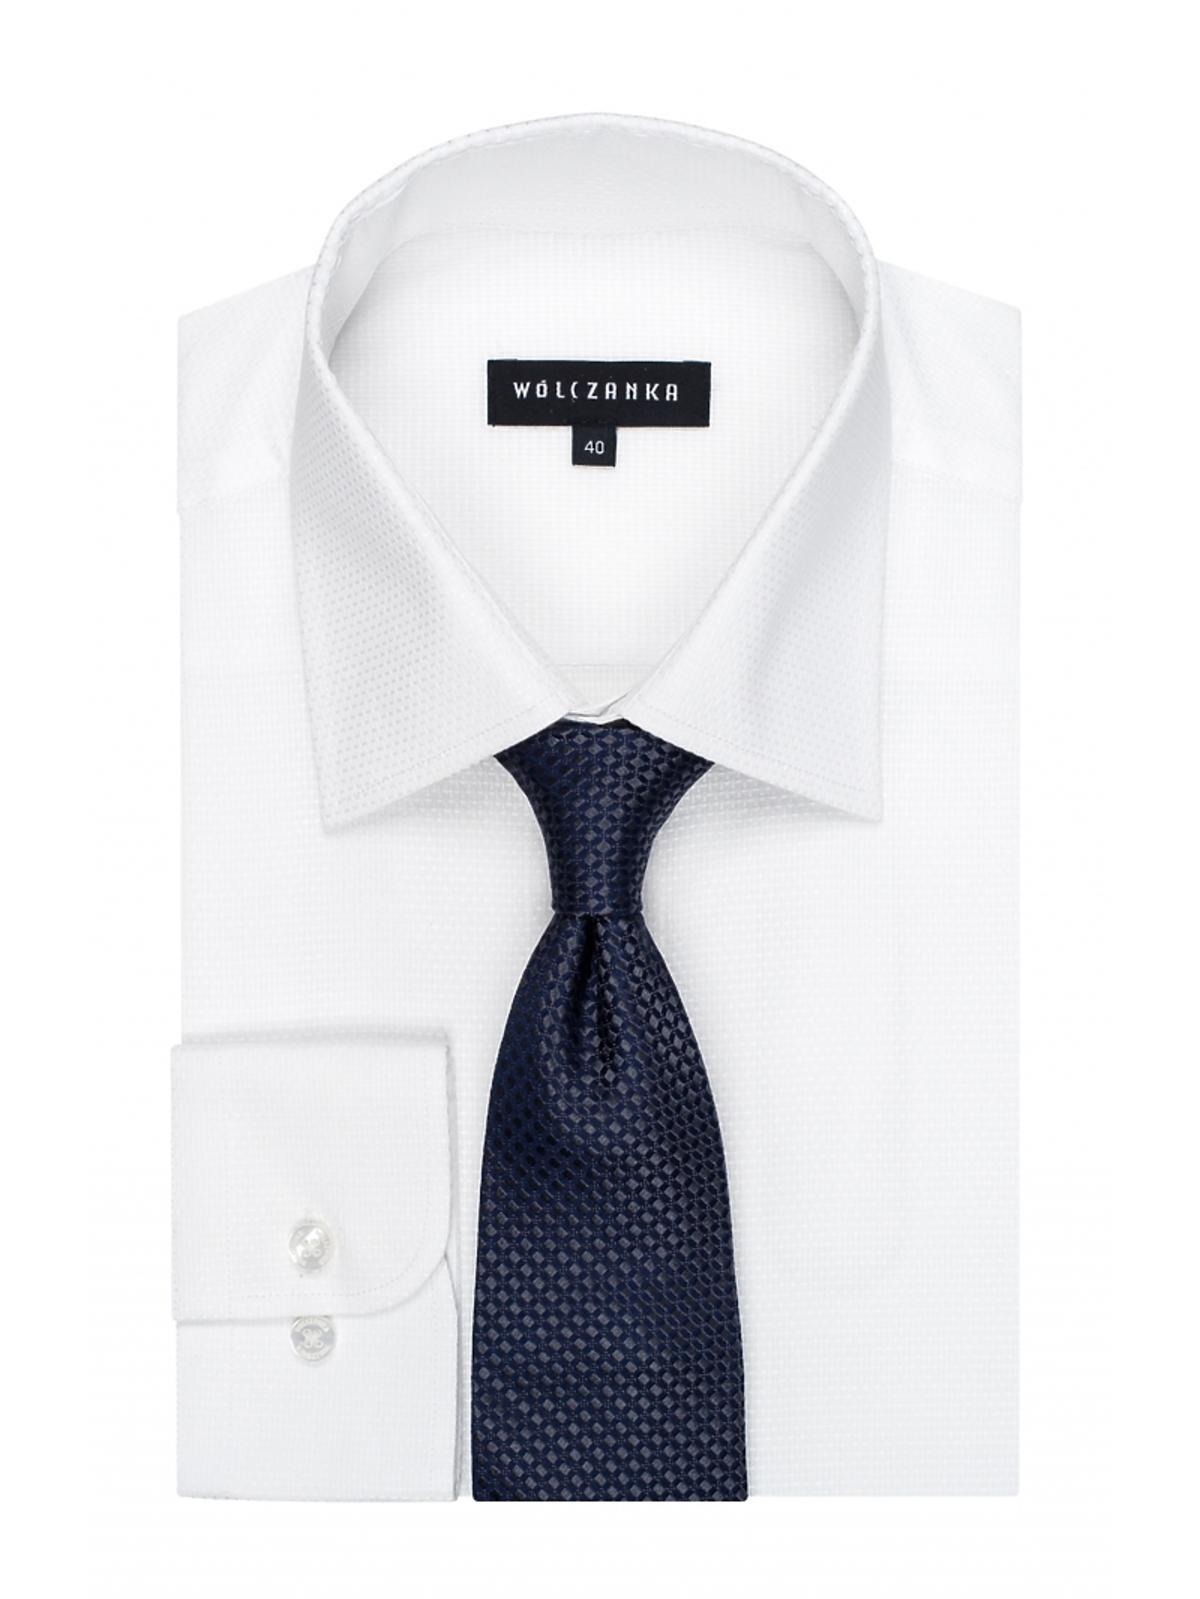 Koszula, Wólczanka, 149,90 zł